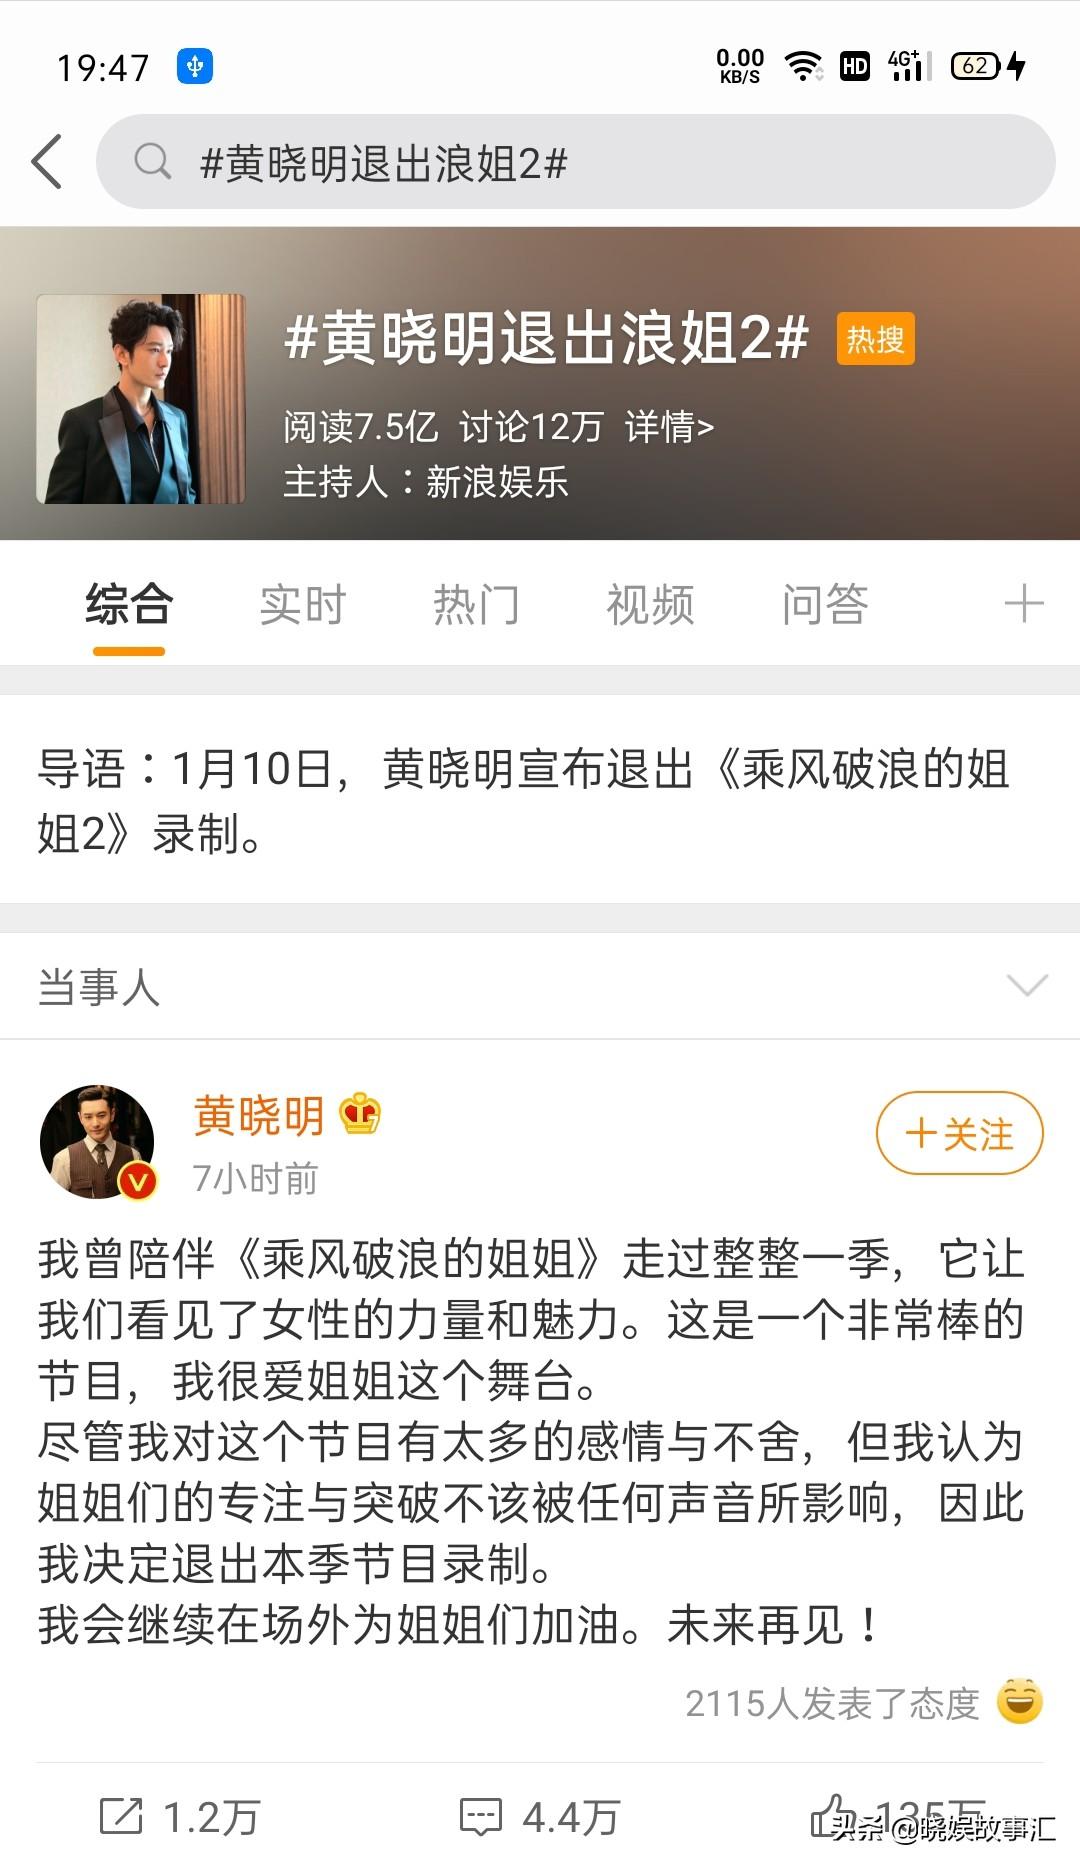 黄晓明为避嫌,宣布退出浪姐!与baby的婚姻状况又引发猜测?